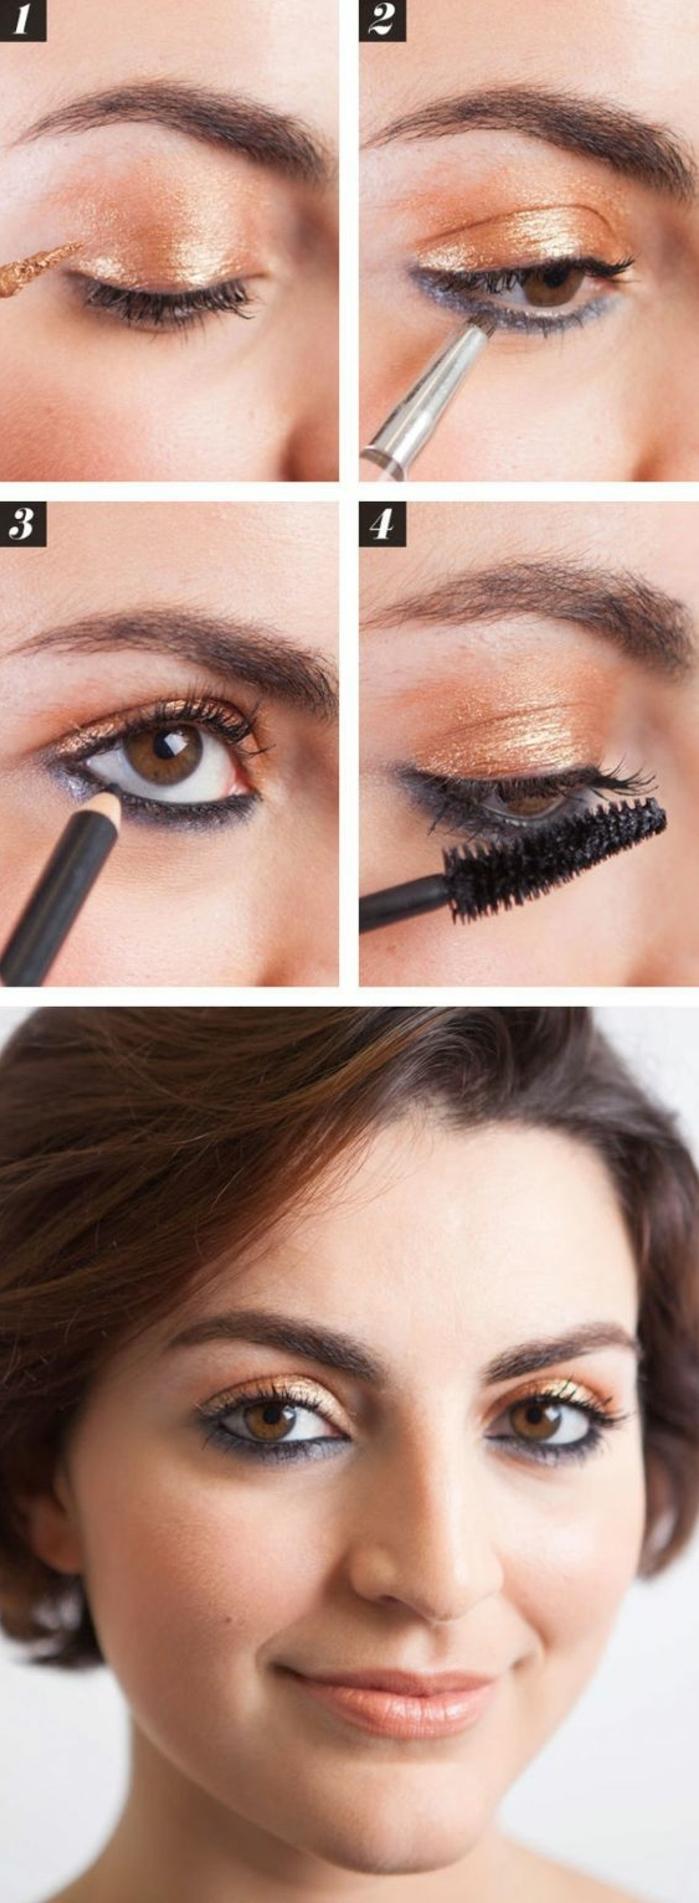 maquiller-yeux-marrons-idées-tutos-maquillage-de-tous-les-jours